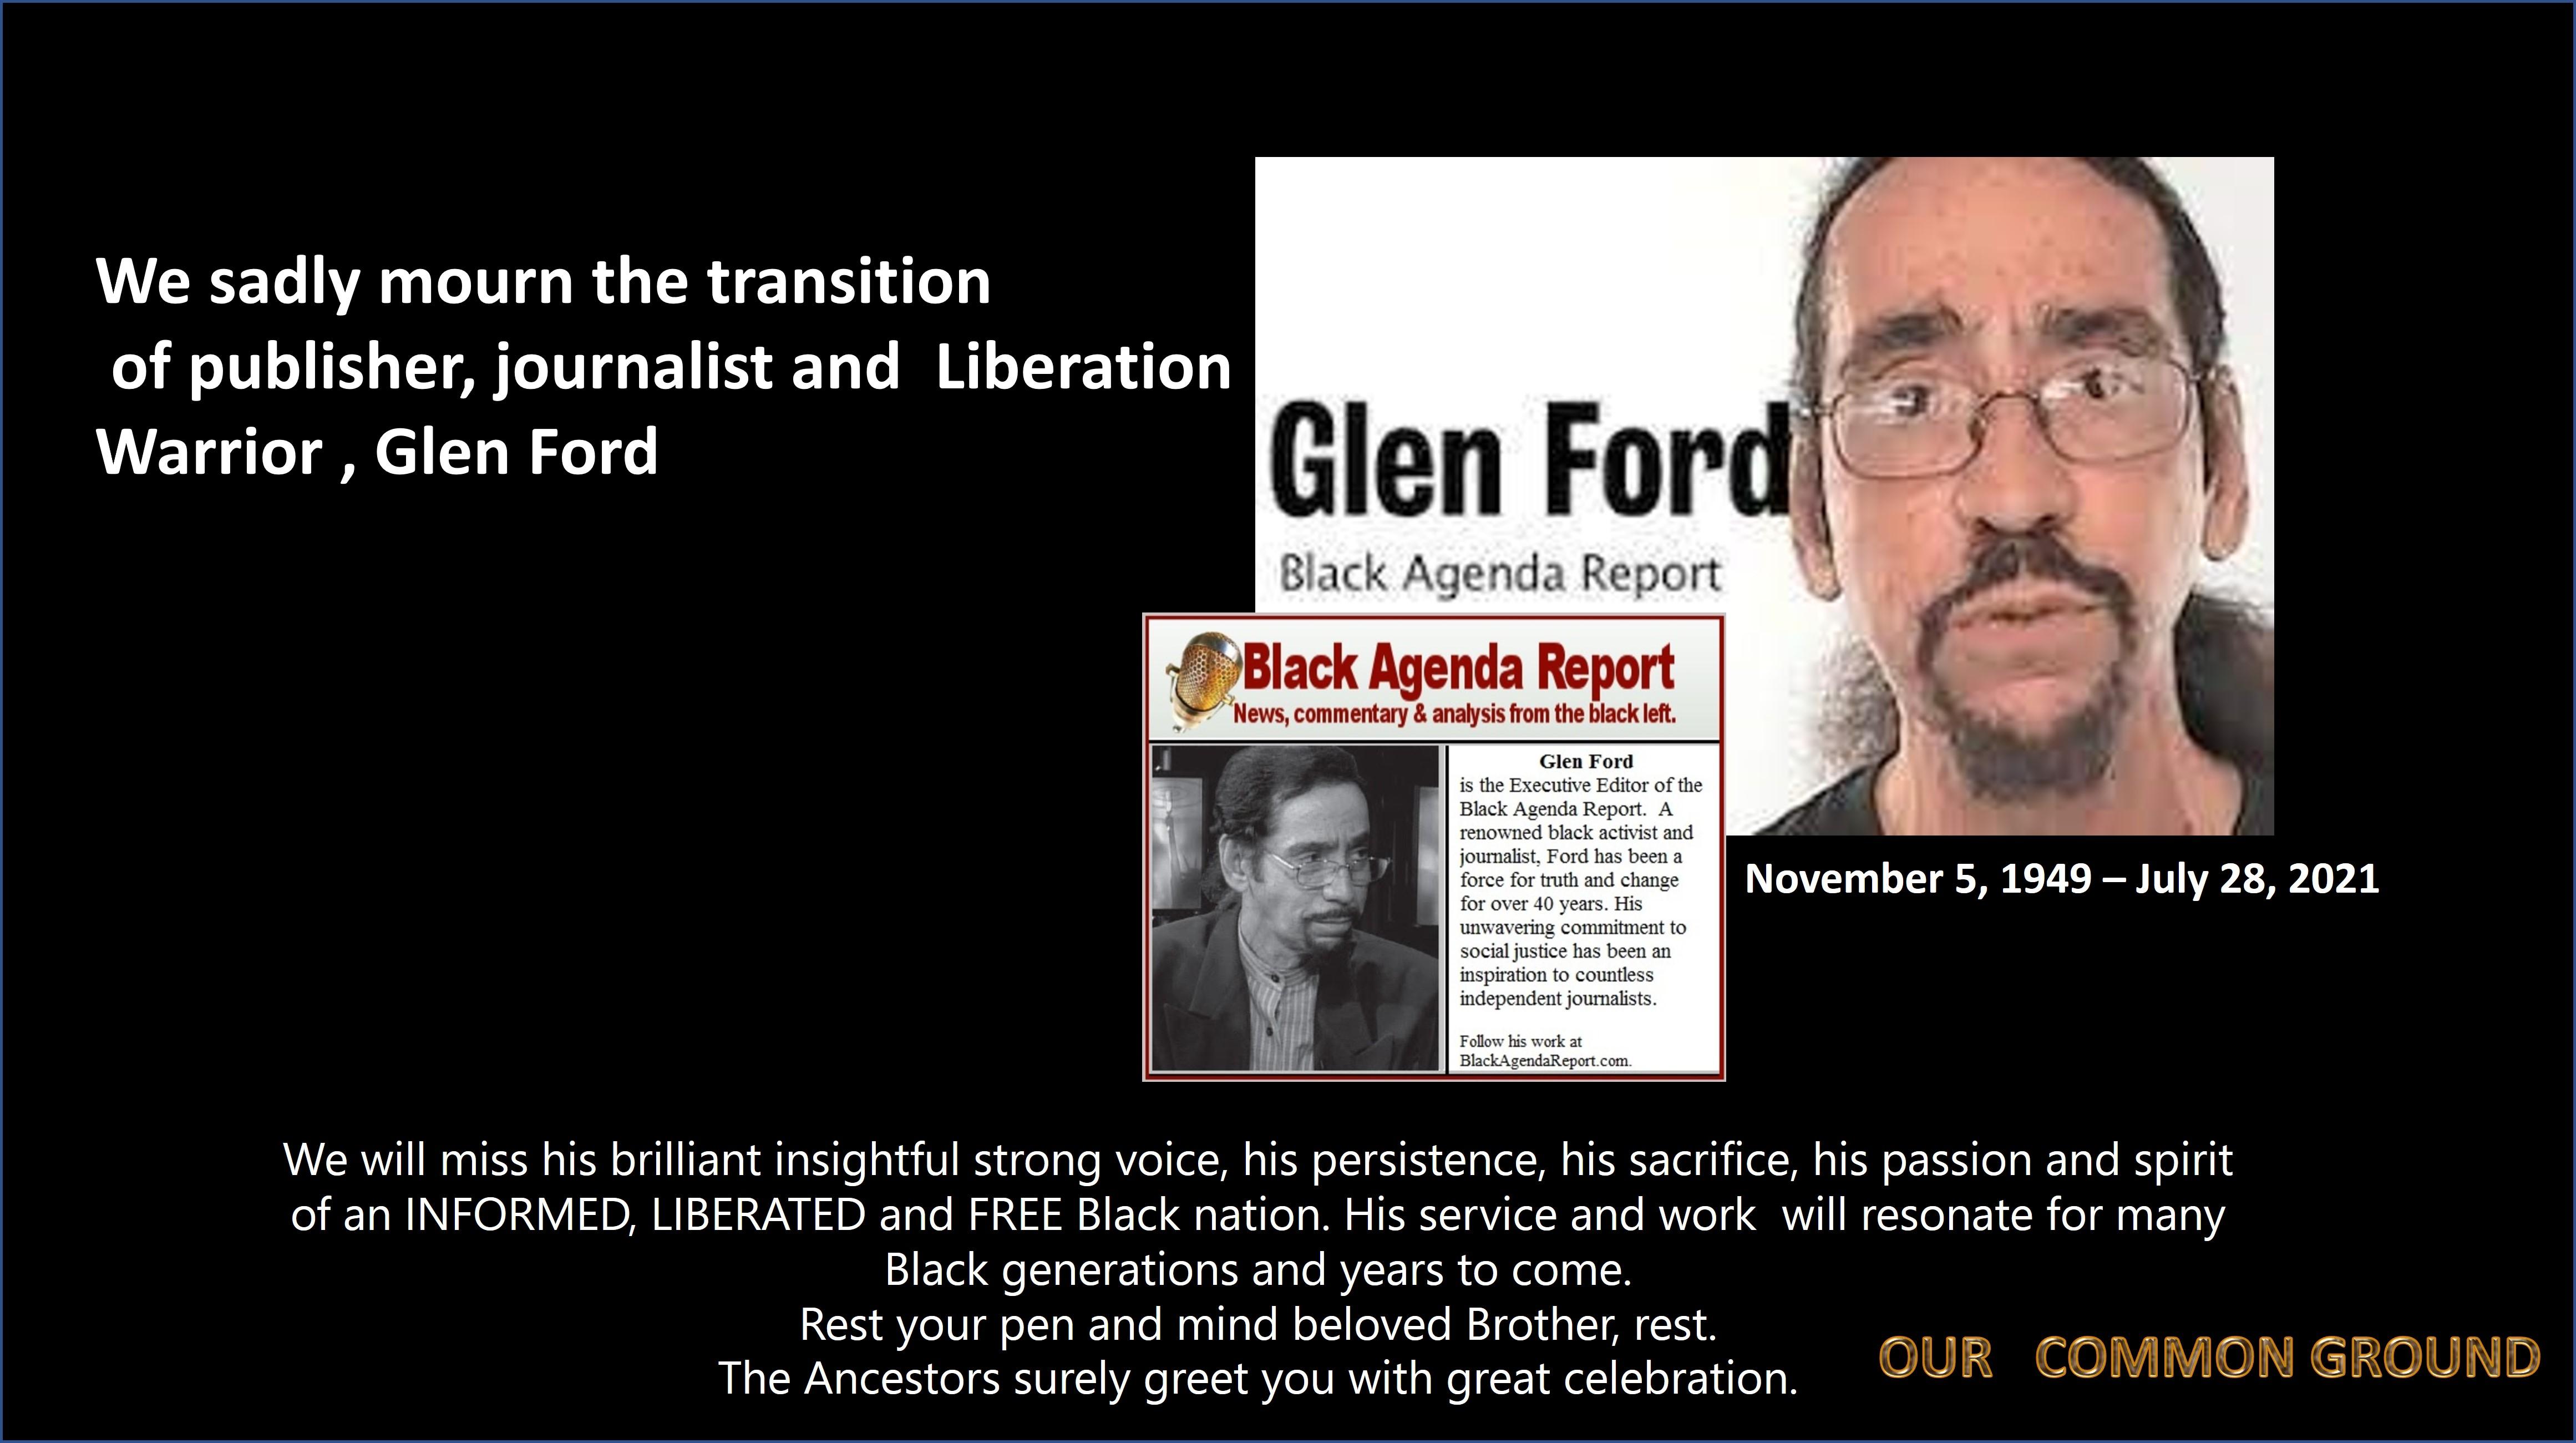 Glen Ford